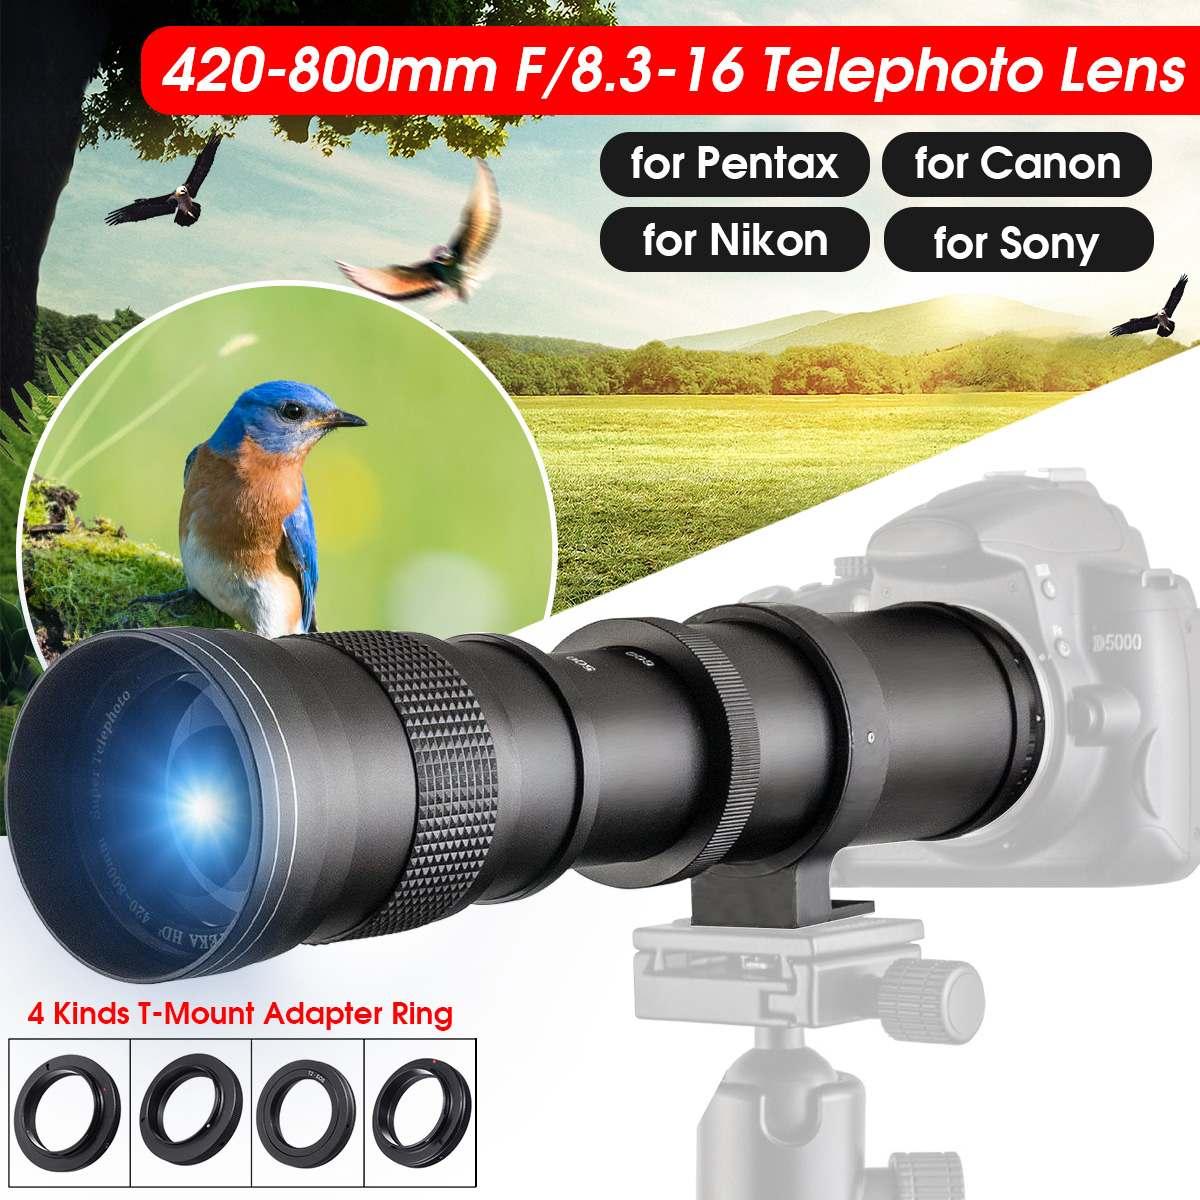 420-800mm F/8.3-16 Super téléobjectif objectif Zoom manuel pour Canon pour appareil photo reflex numérique Nikon/Sony/Pentax